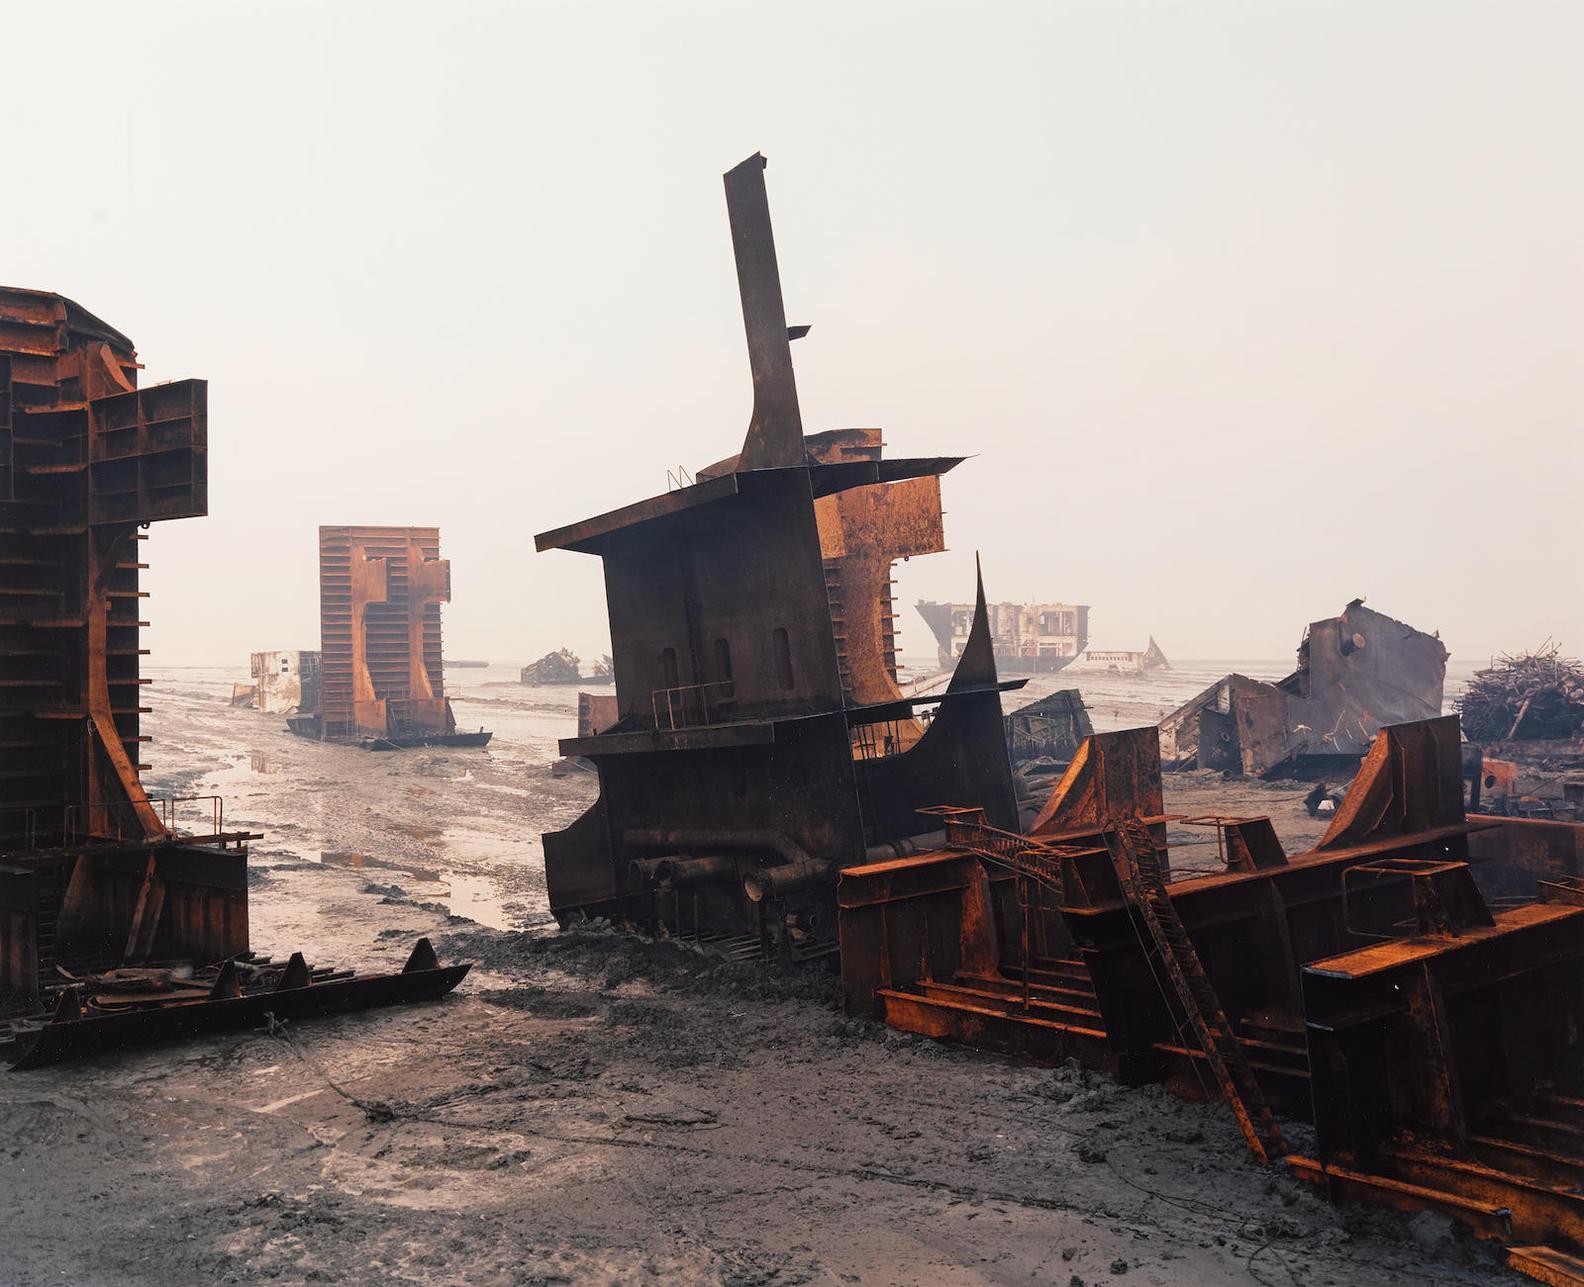 Edward Burtynsky-Shipbreaking #10, Chittagong, Bangladesh-2000